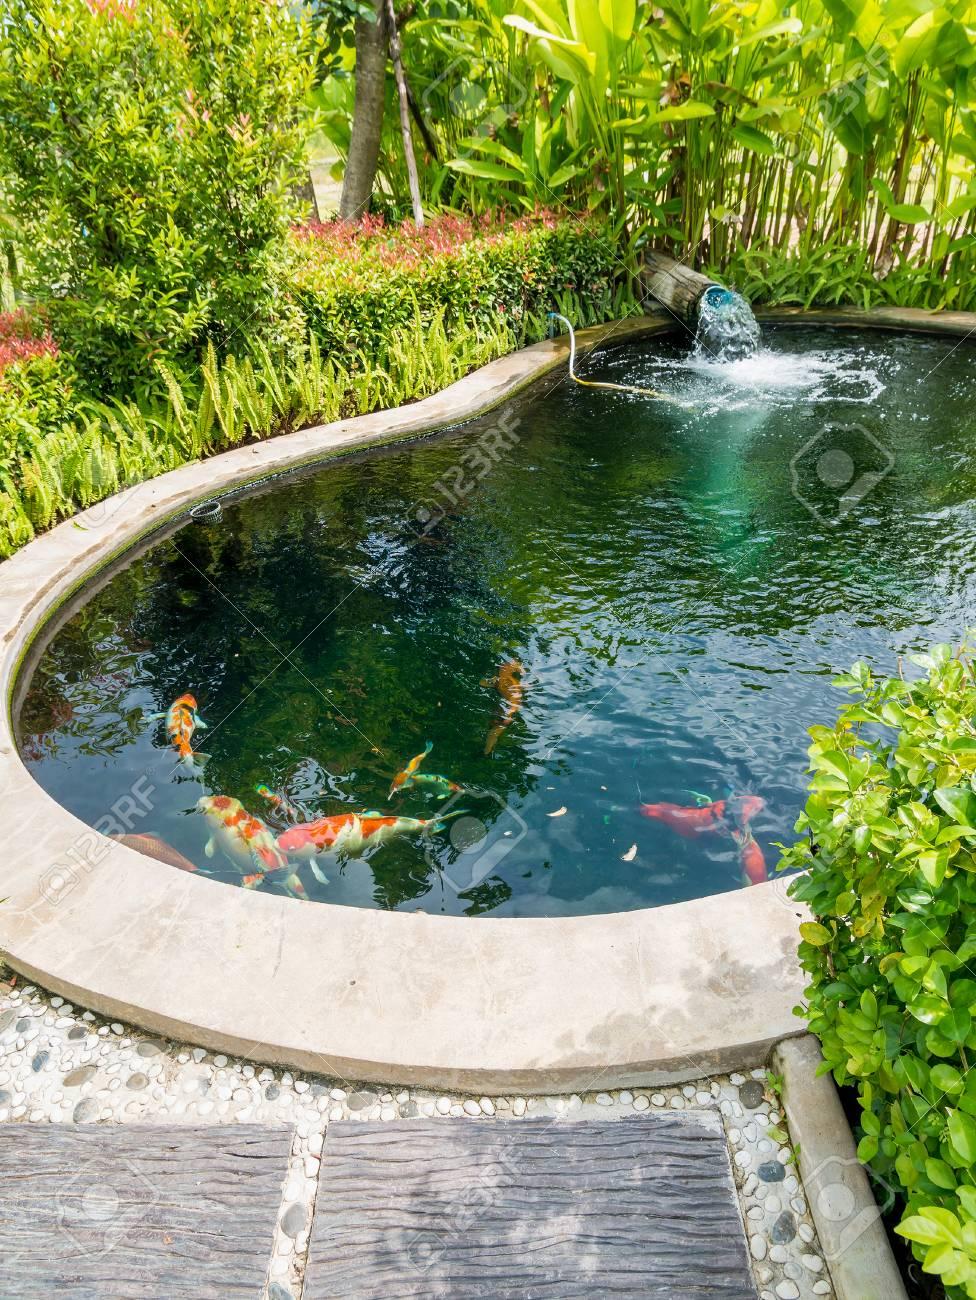 Pescado Carpa Koi De Lujo En Estanque En El Jardin Fotos Retratos - Jardin-con-estanque